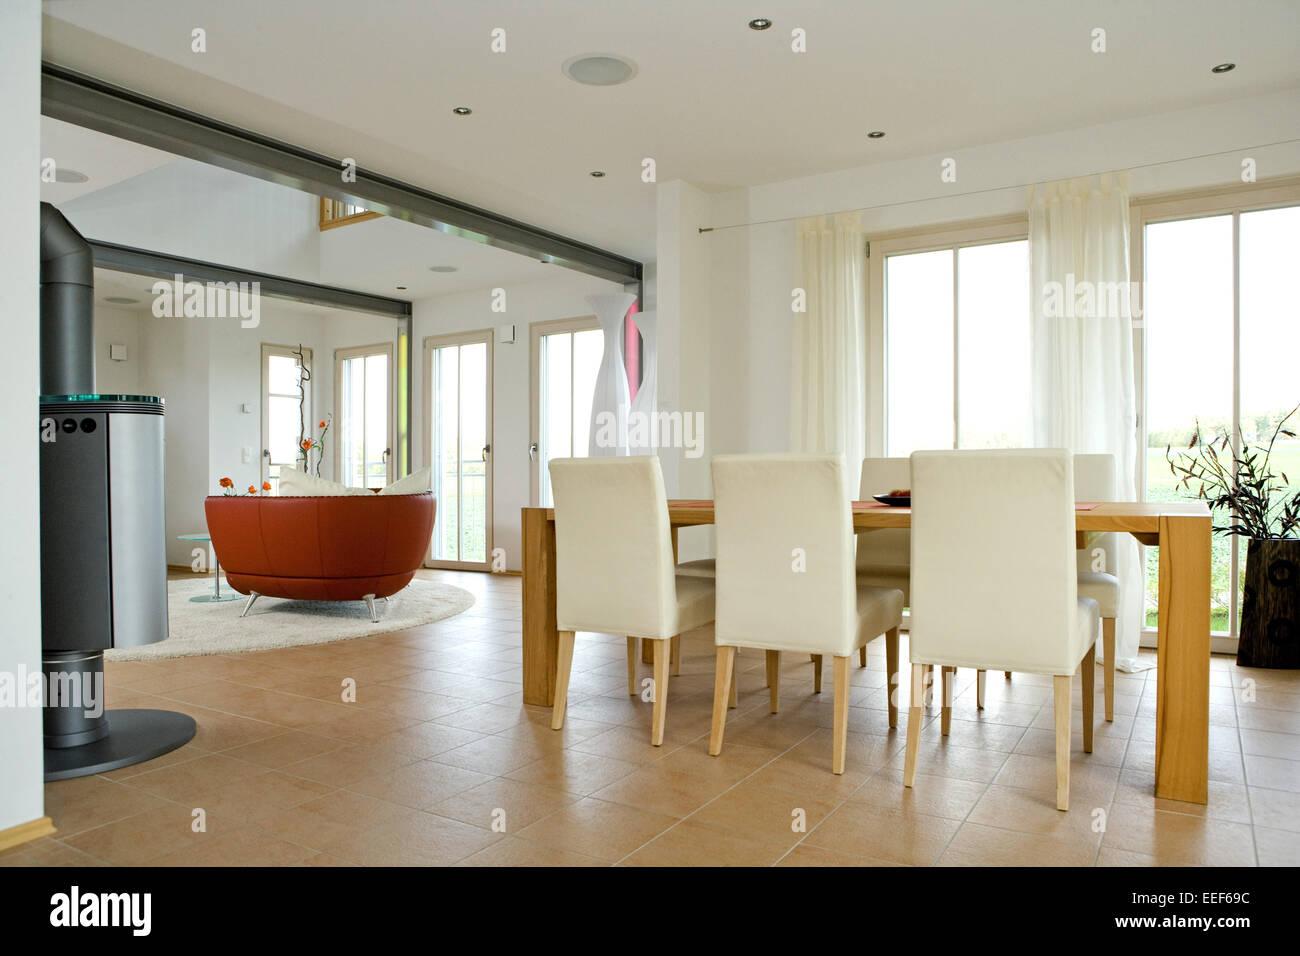 Architektur, Baustil, Dekoration, Einrichtungsgegenstaende, Innenarchitektur, Inneneinrichtung, Interieur, Moebel, Raum, Wohnrau Stock Photo